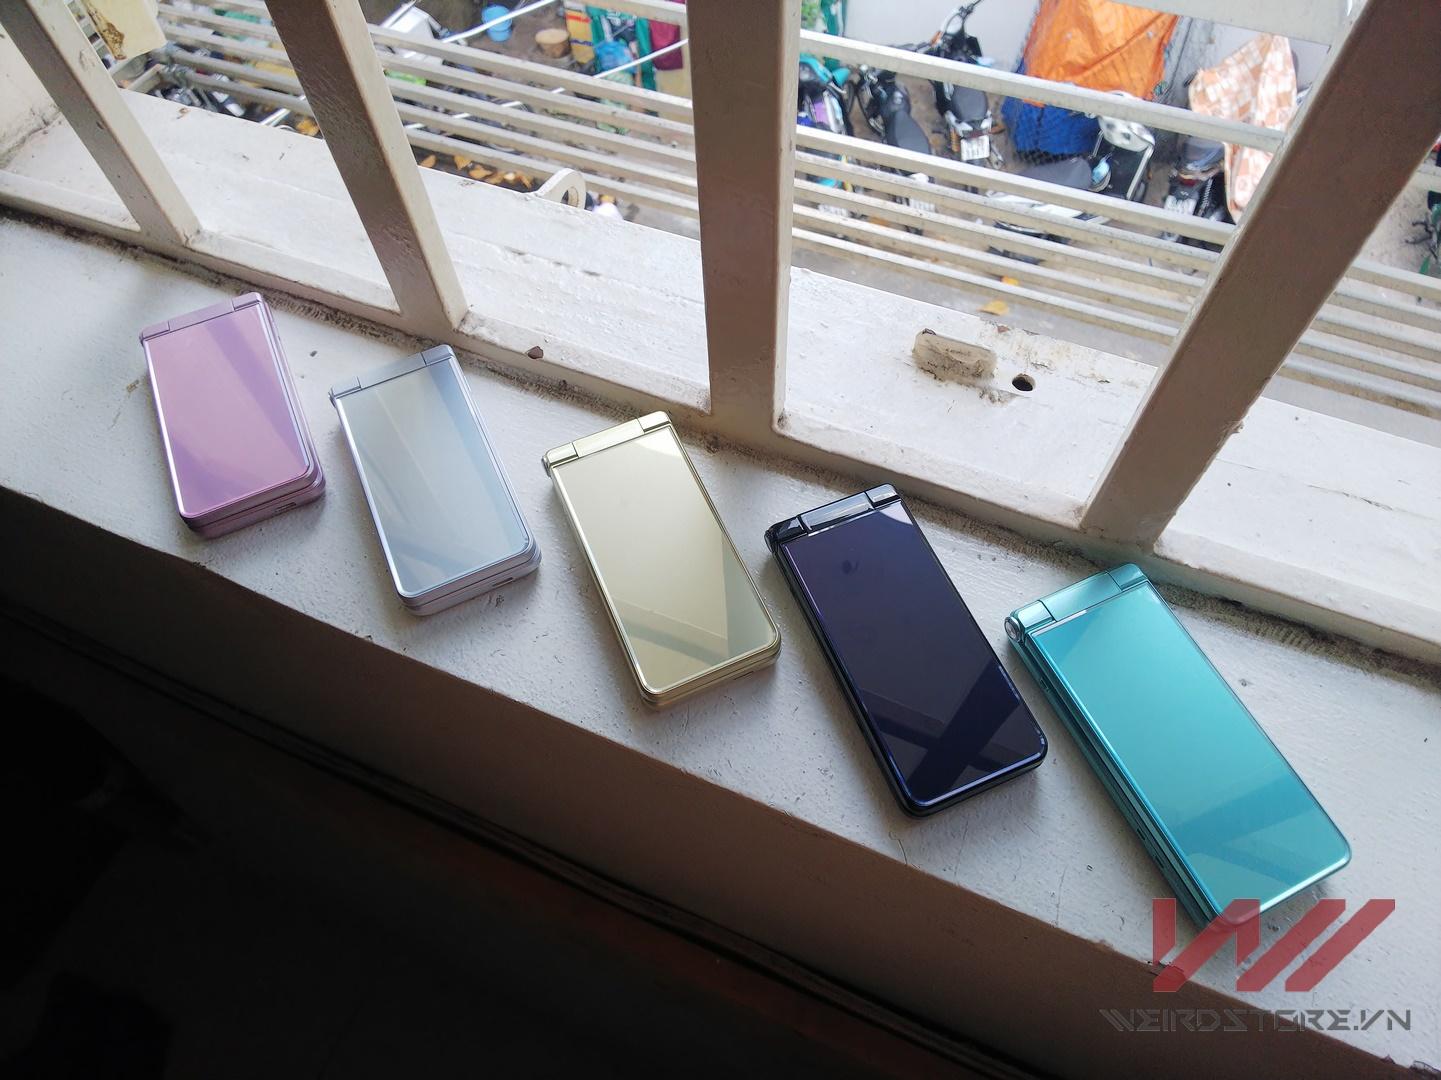 điện thoại nắp gập Nhật chạy android cực độc: Sharp 501sh, Sharp 601sh - 1